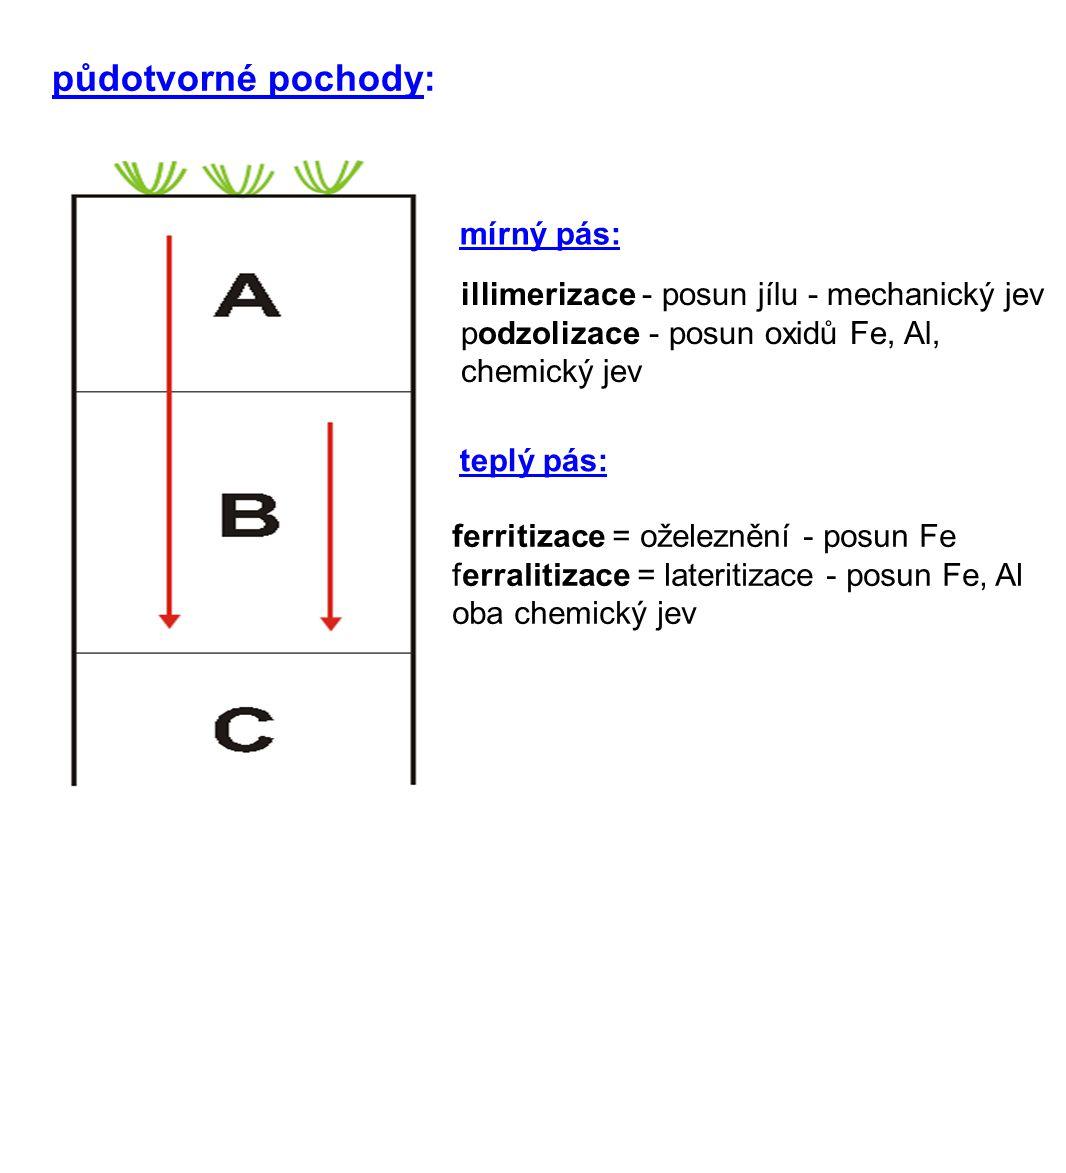 mírný pás: teplý pás: ferritizace = oželeznění - posun Fe ferralitizace = lateritizace - posun Fe, Al oba chemický jev illimerizace - posun jílu - mechanický jev podzolizace - posun oxidů Fe, Al, chemický jev půdotvorné pochody: